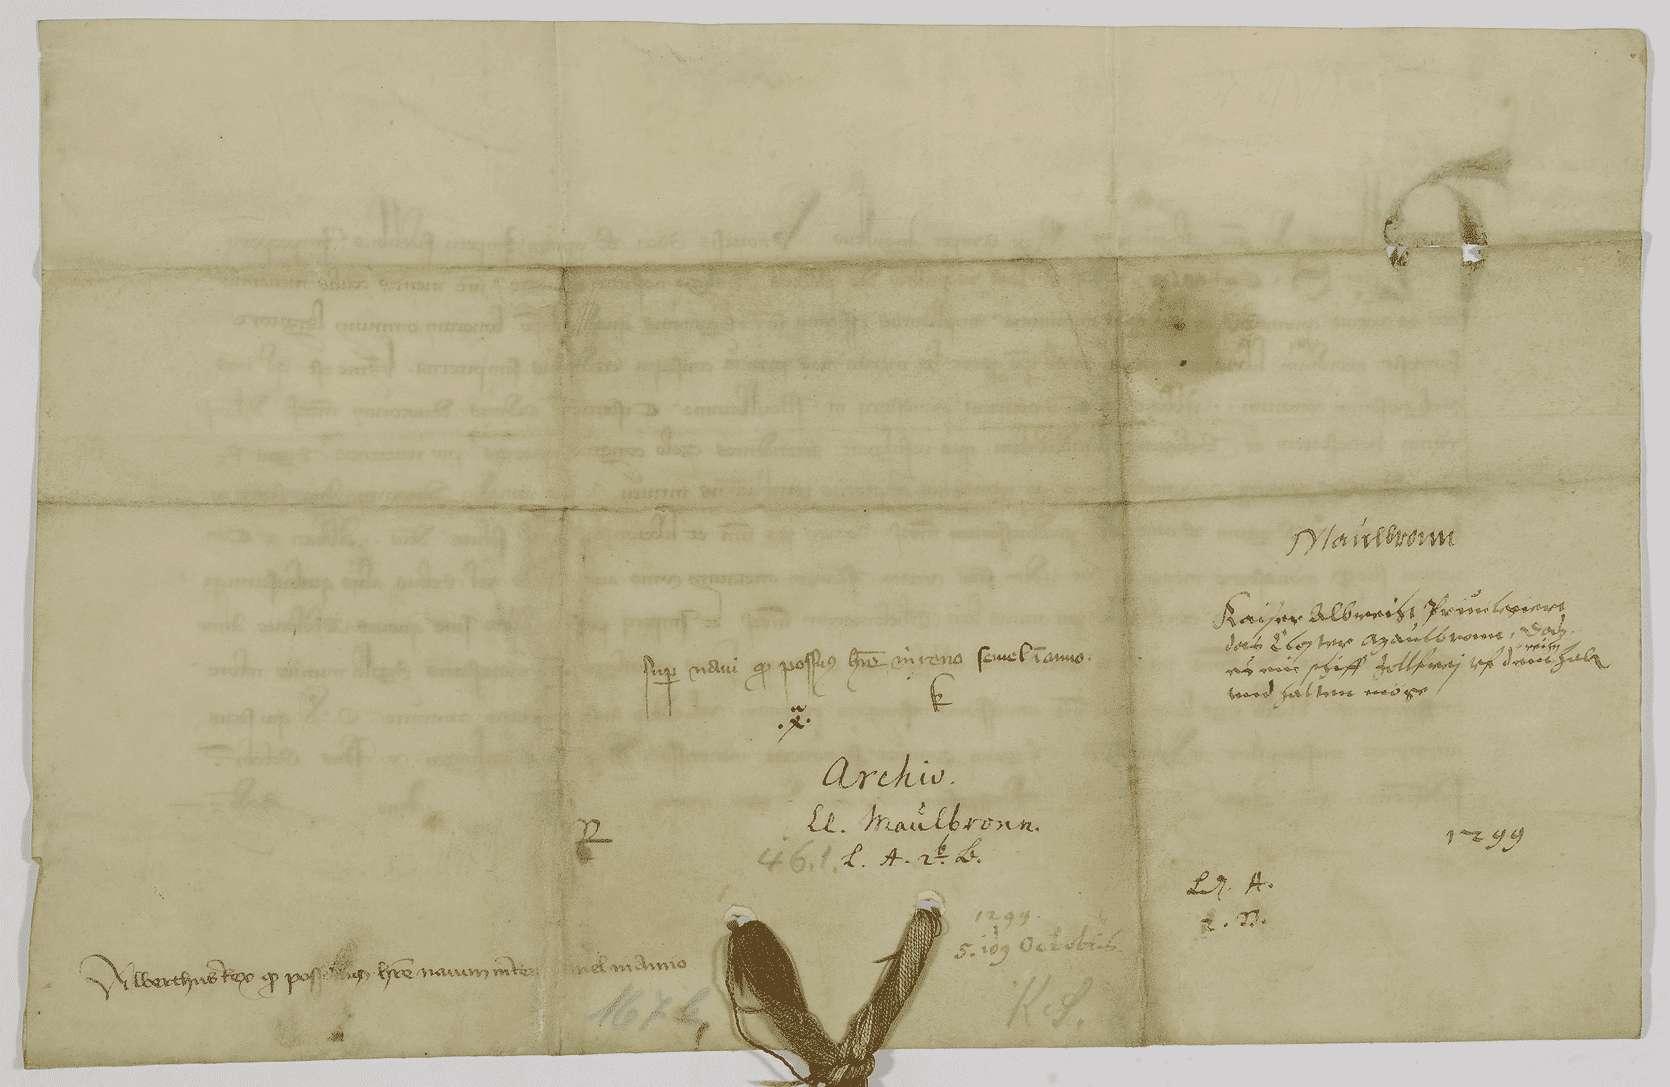 König Albrecht erlaubt dem Kloster Maulbronn alljährlich einmal auf dem Rhein ein mit Wein oder Getreide beladenes Schiff zollfrei tal- und bergwärts führen zu dürfen., Bild 2